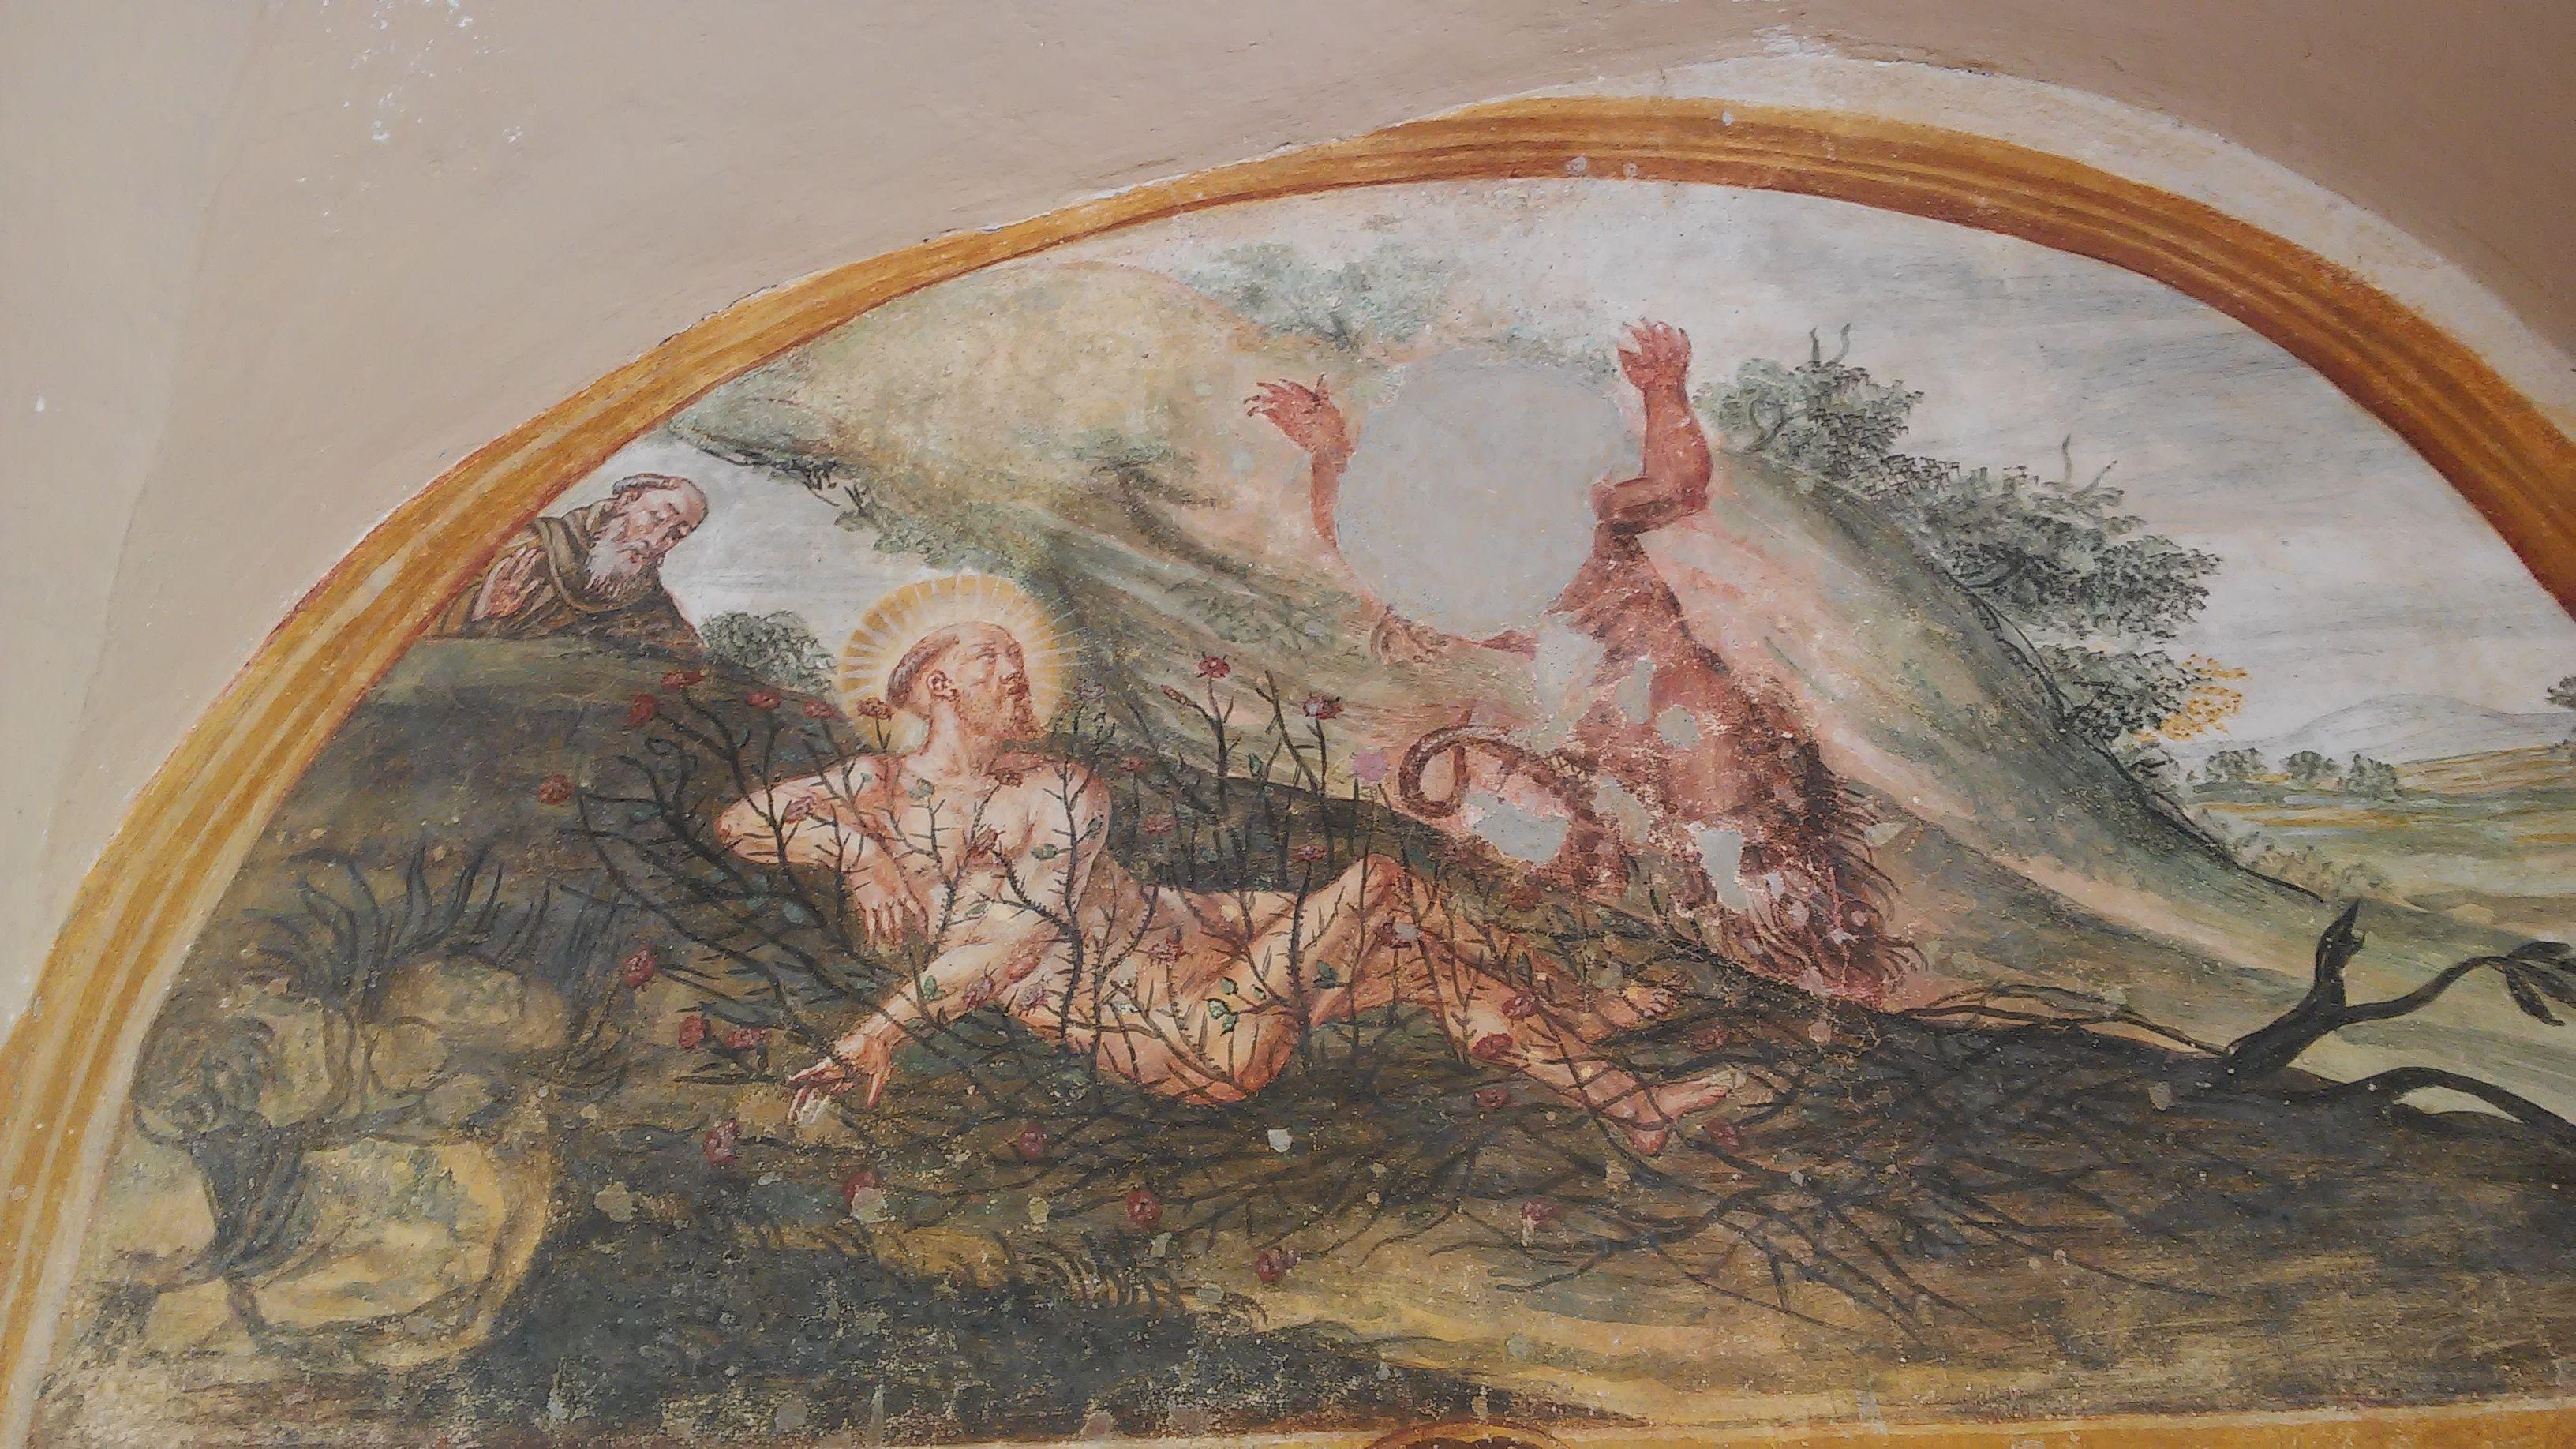 pintura representando a Francisco resistiendo al tentador mediante los espinos